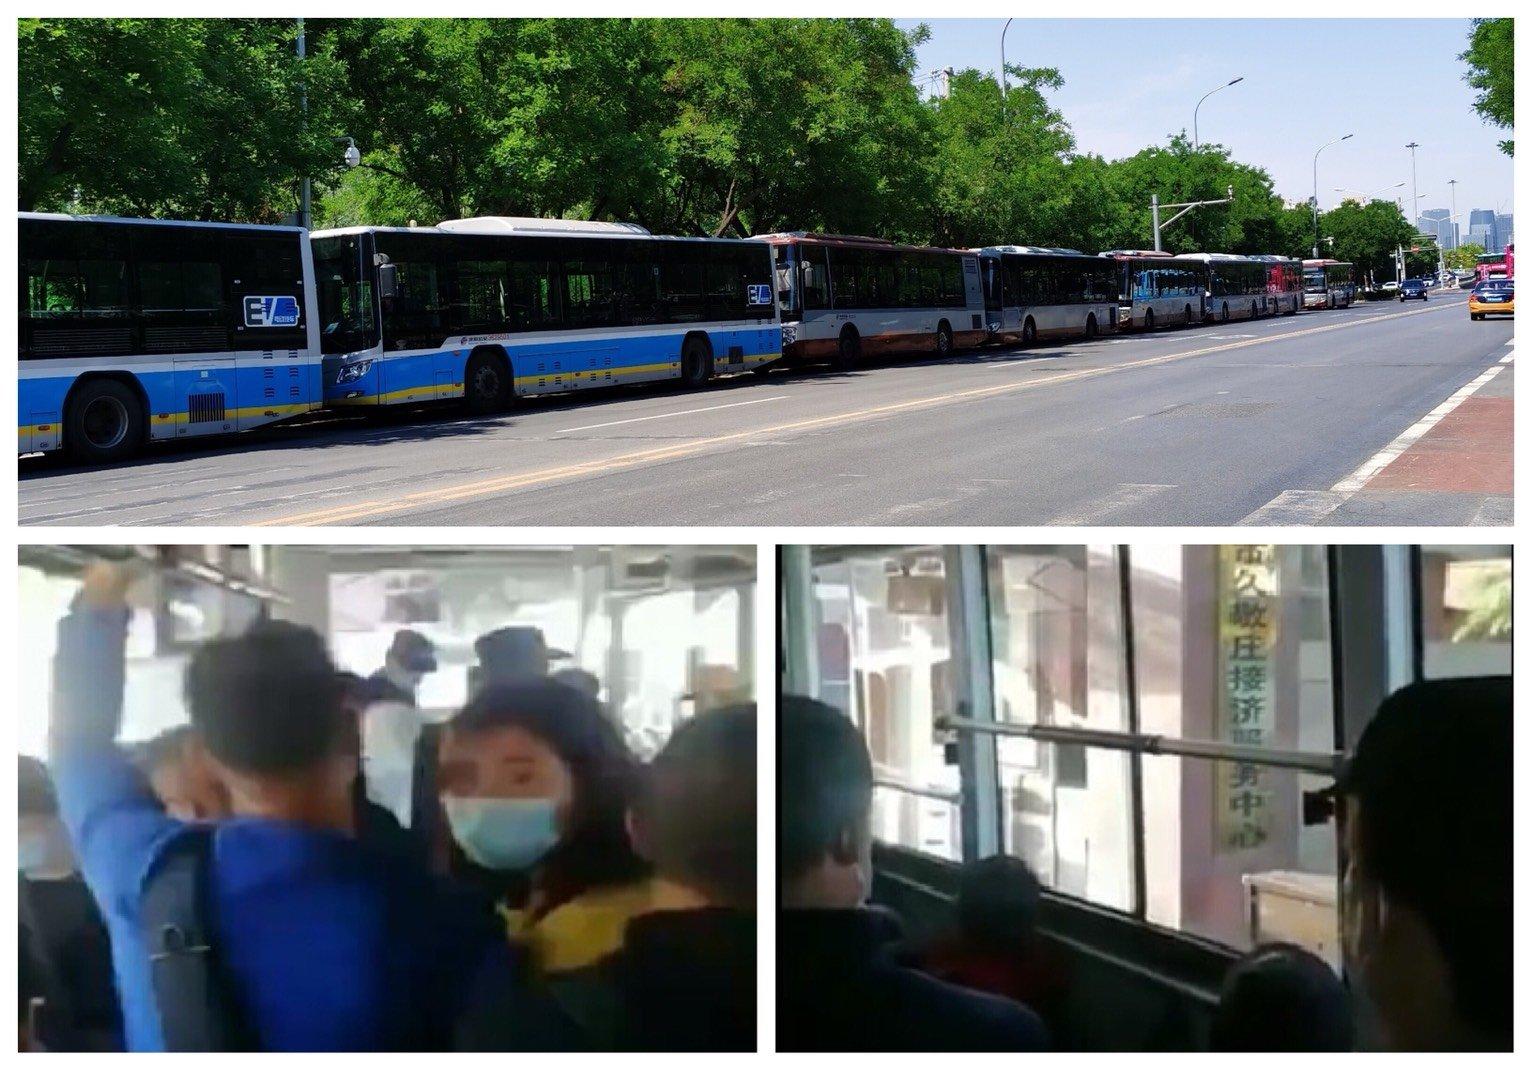 2020年5月18日,因疫情關係繼續關閉,大批訪民來到中共國家信訪局後被一車車地送往久敬莊。(大紀元合成圖)